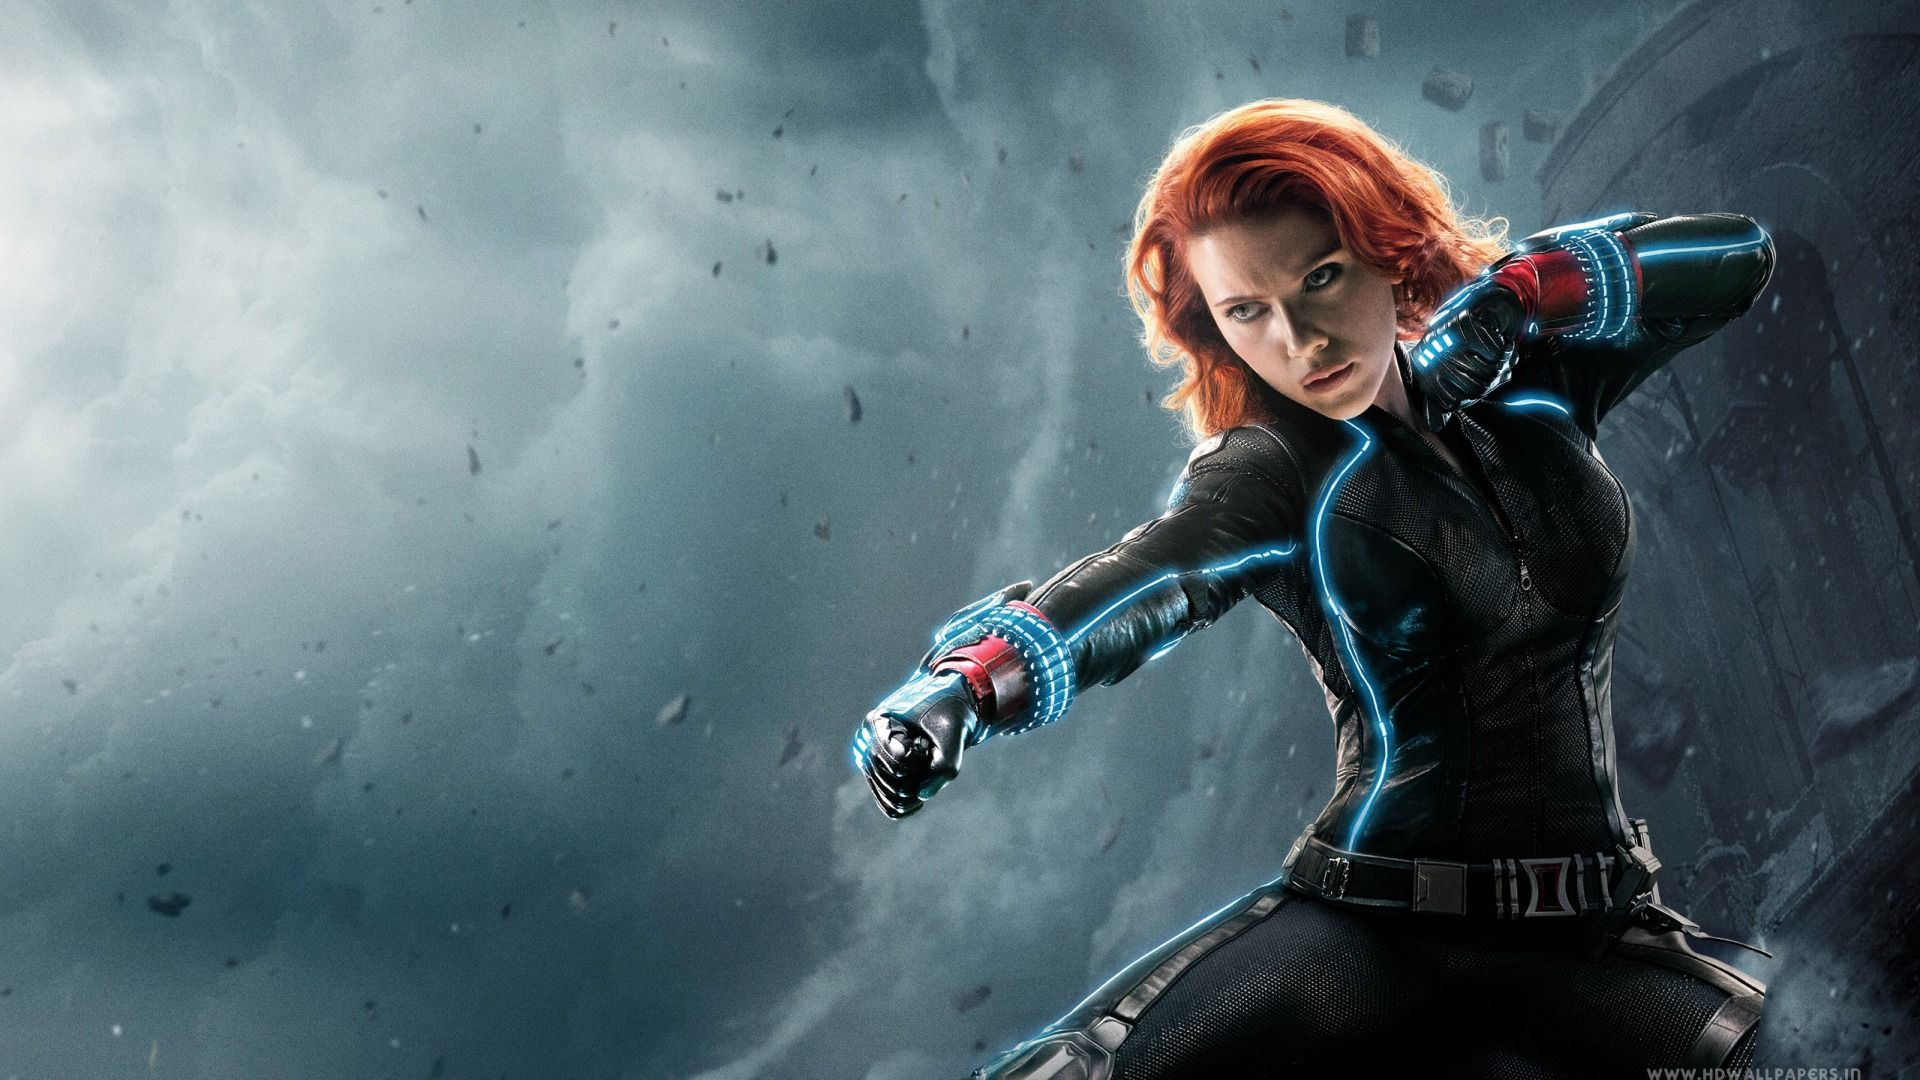 Movie - Avengers: Age Of Ultron  Avengers Age Of Ultron Scarlett Johansson Black Widow Wallpaper